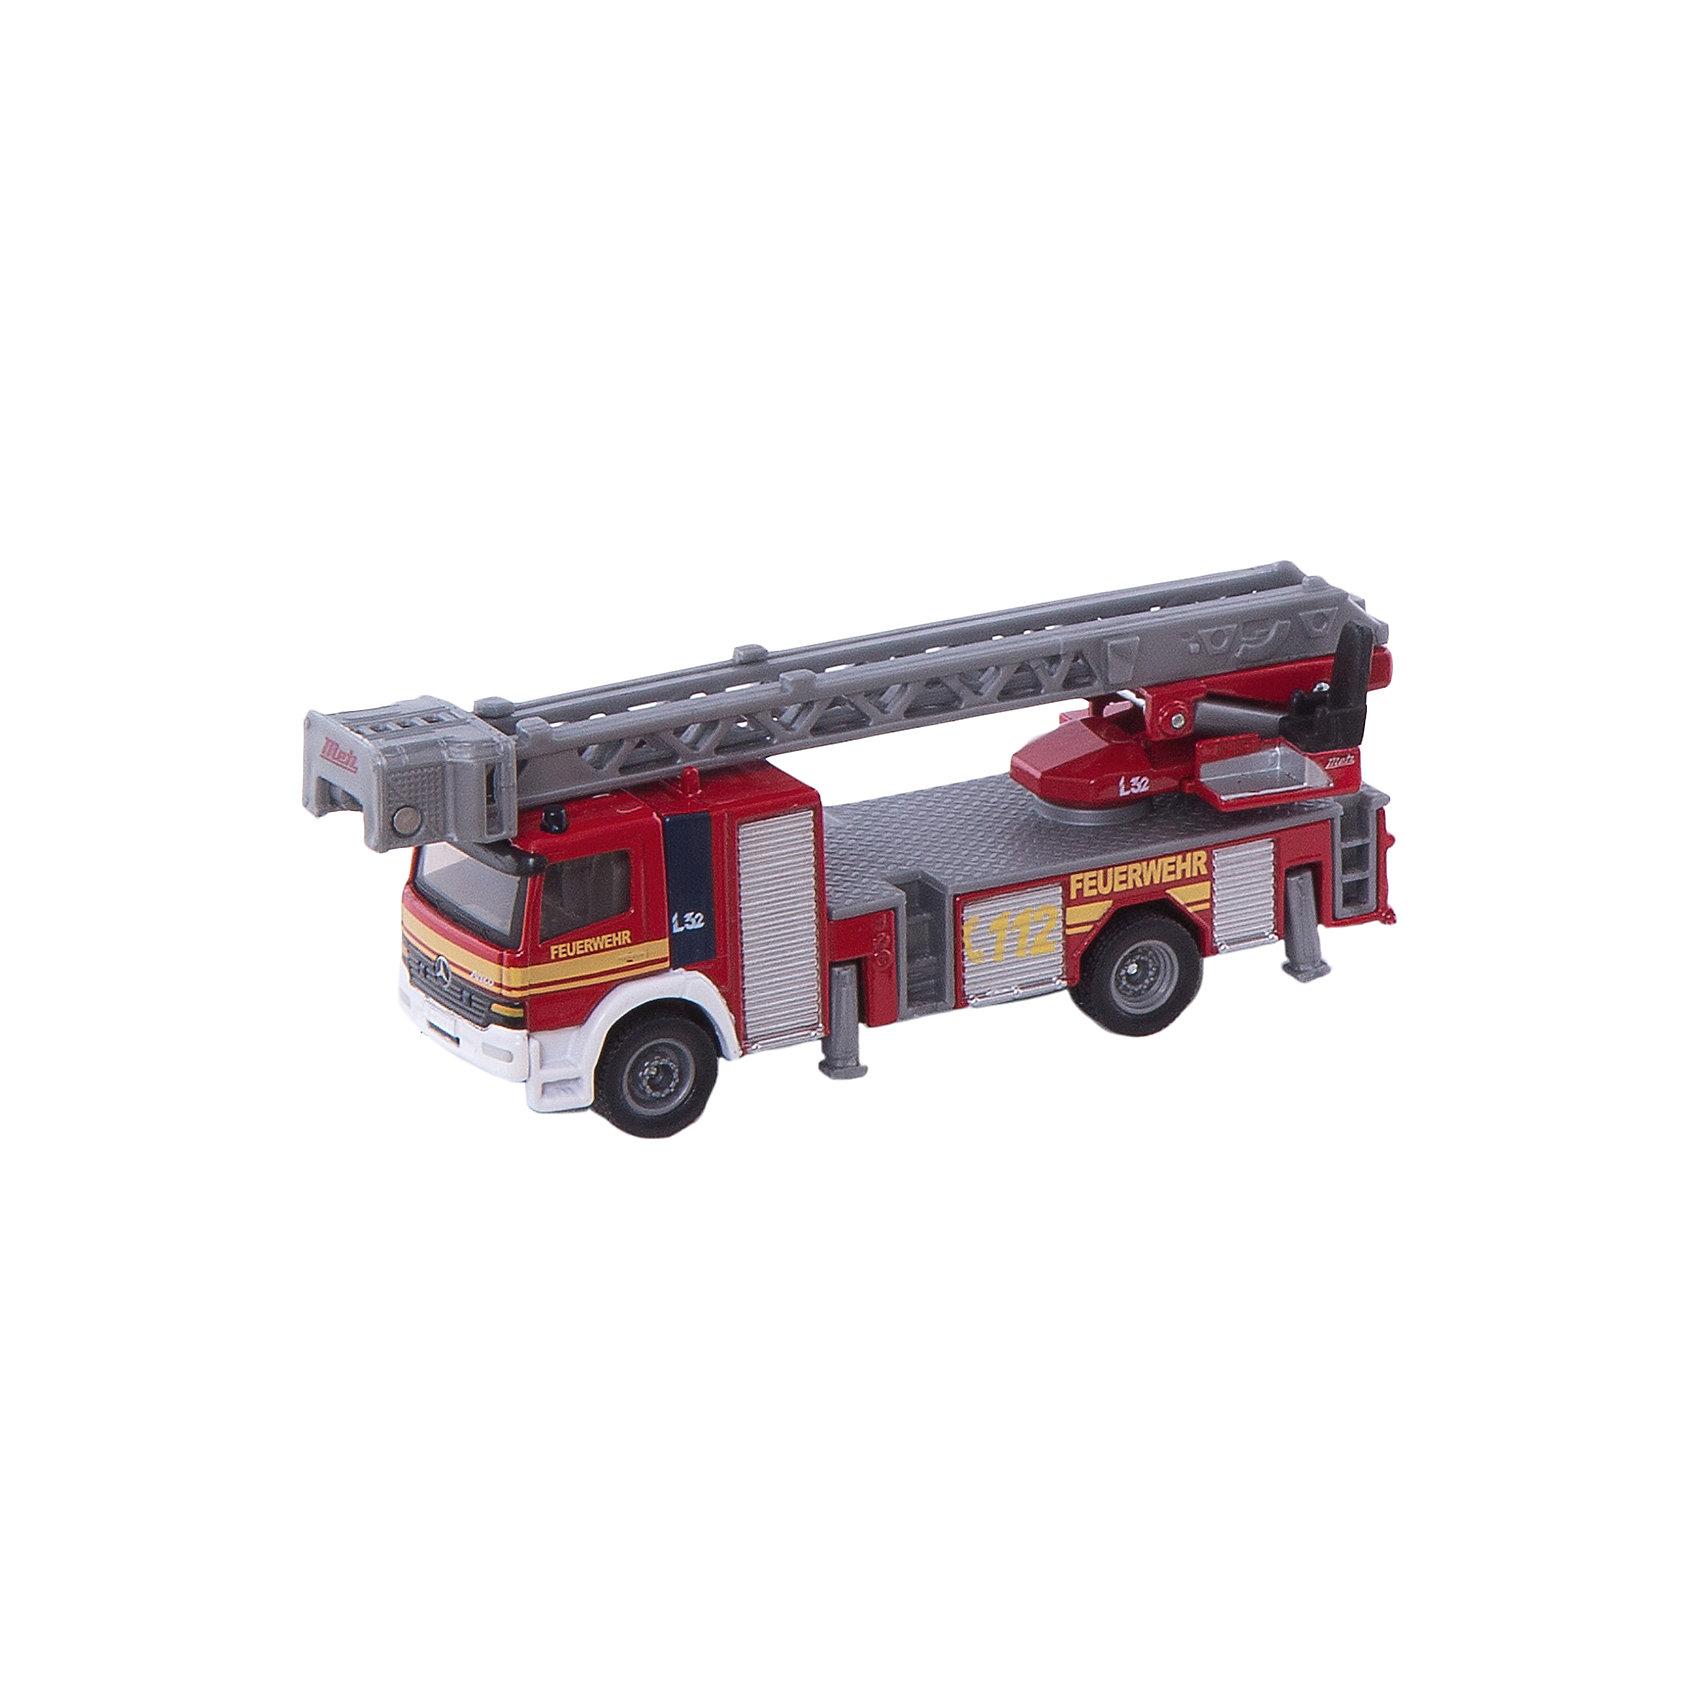 SIKU 1841 Пожарная машина с лестницей 1:87SIKU (СИКУ) 1841 Пожарная машина с лестницей 1:87<br><br>Корпус выполнен из металла, лобовое и боковые стёкла из прозрачной пластмассы, колёса выполнены из резины и вращаются, можно катать. Пожарная стрела с люлькой выдвигается, поднимается и поворачивается, боковые опоры выдвигаются и опускаются.<br><br>Дополнительная информация:<br>-Материал: металл с элементами пластмассы<br>-Размер игрушки: 11,5 x 2,8 x 3,8 см<br><br>Реалистичный дизайн и множество подвижных функциональных деталей-разнообразные варианты игры гарантированы.<br><br>SIKU (СИКУ) 1841 Пожарную машину с лестницей 1:87 можно купить в нашем магазине.<br><br>Ширина мм: 159<br>Глубина мм: 55<br>Высота мм: 78<br>Вес г: 146<br>Возраст от месяцев: 36<br>Возраст до месяцев: 96<br>Пол: Мужской<br>Возраст: Детский<br>SKU: 1503801